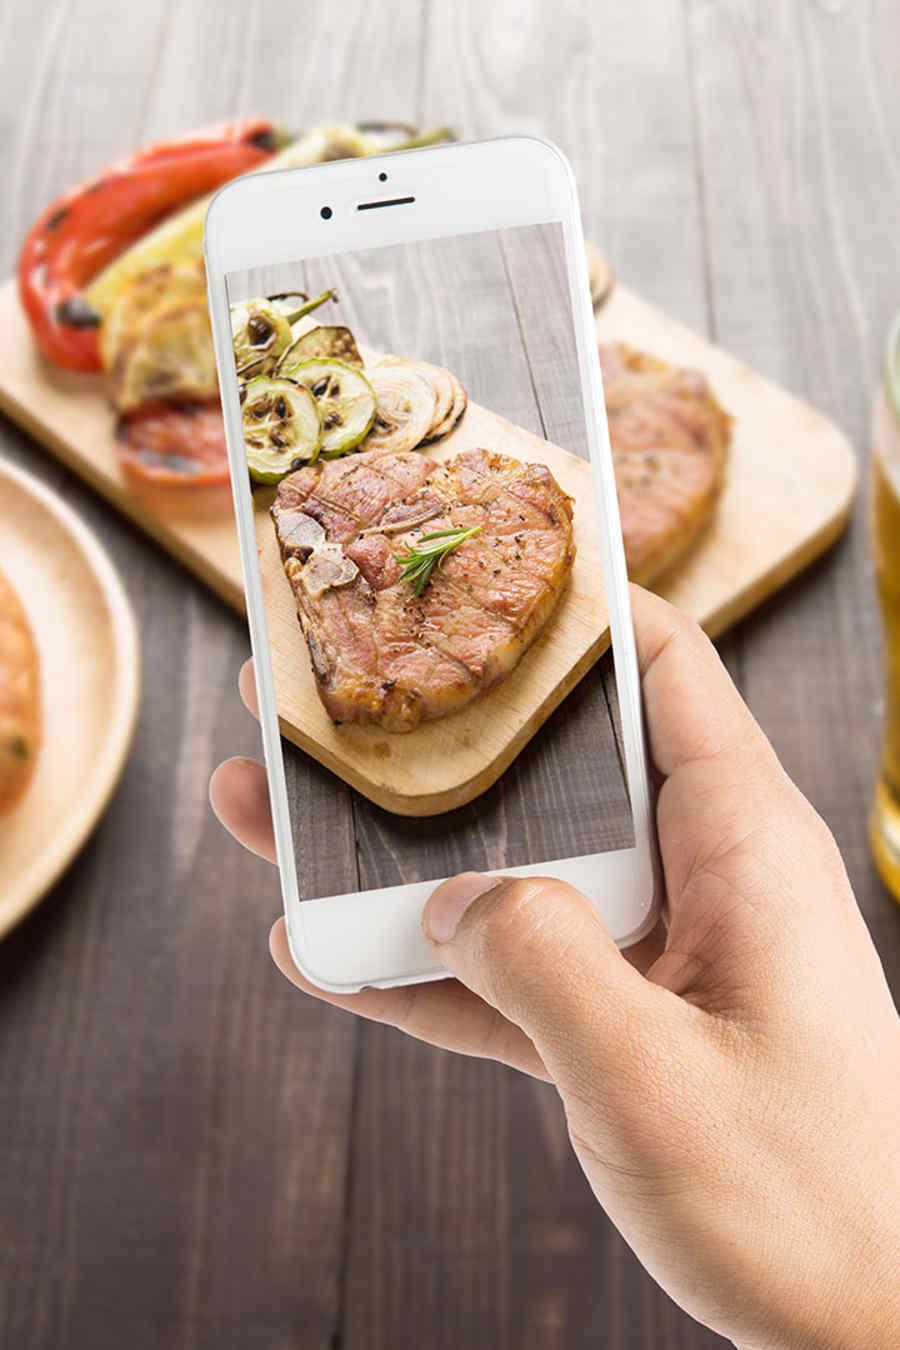 Manos tomando foto a la comida con el celular